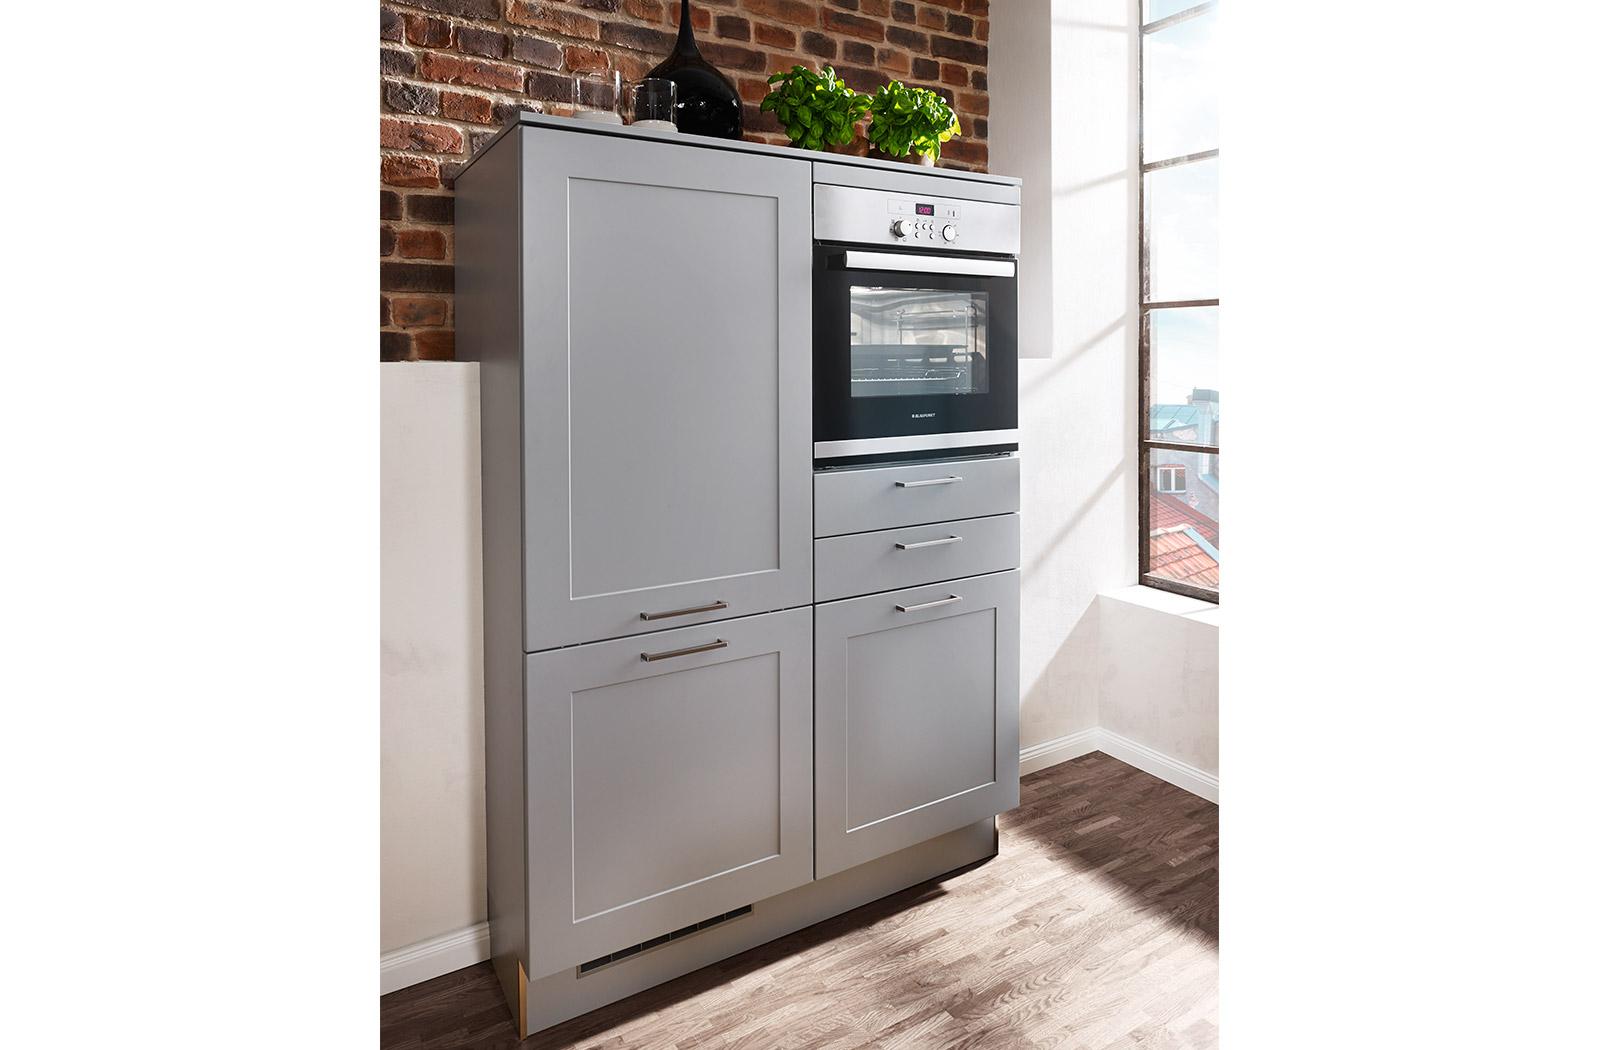 Meble kuchenne Lotus - wielofunkcyjna szafa z wbudowanym piekrnikiem - oferta SAS Wnętrza i Kuchnie - Meble Kuchenne i Projektowanie wnętrz.